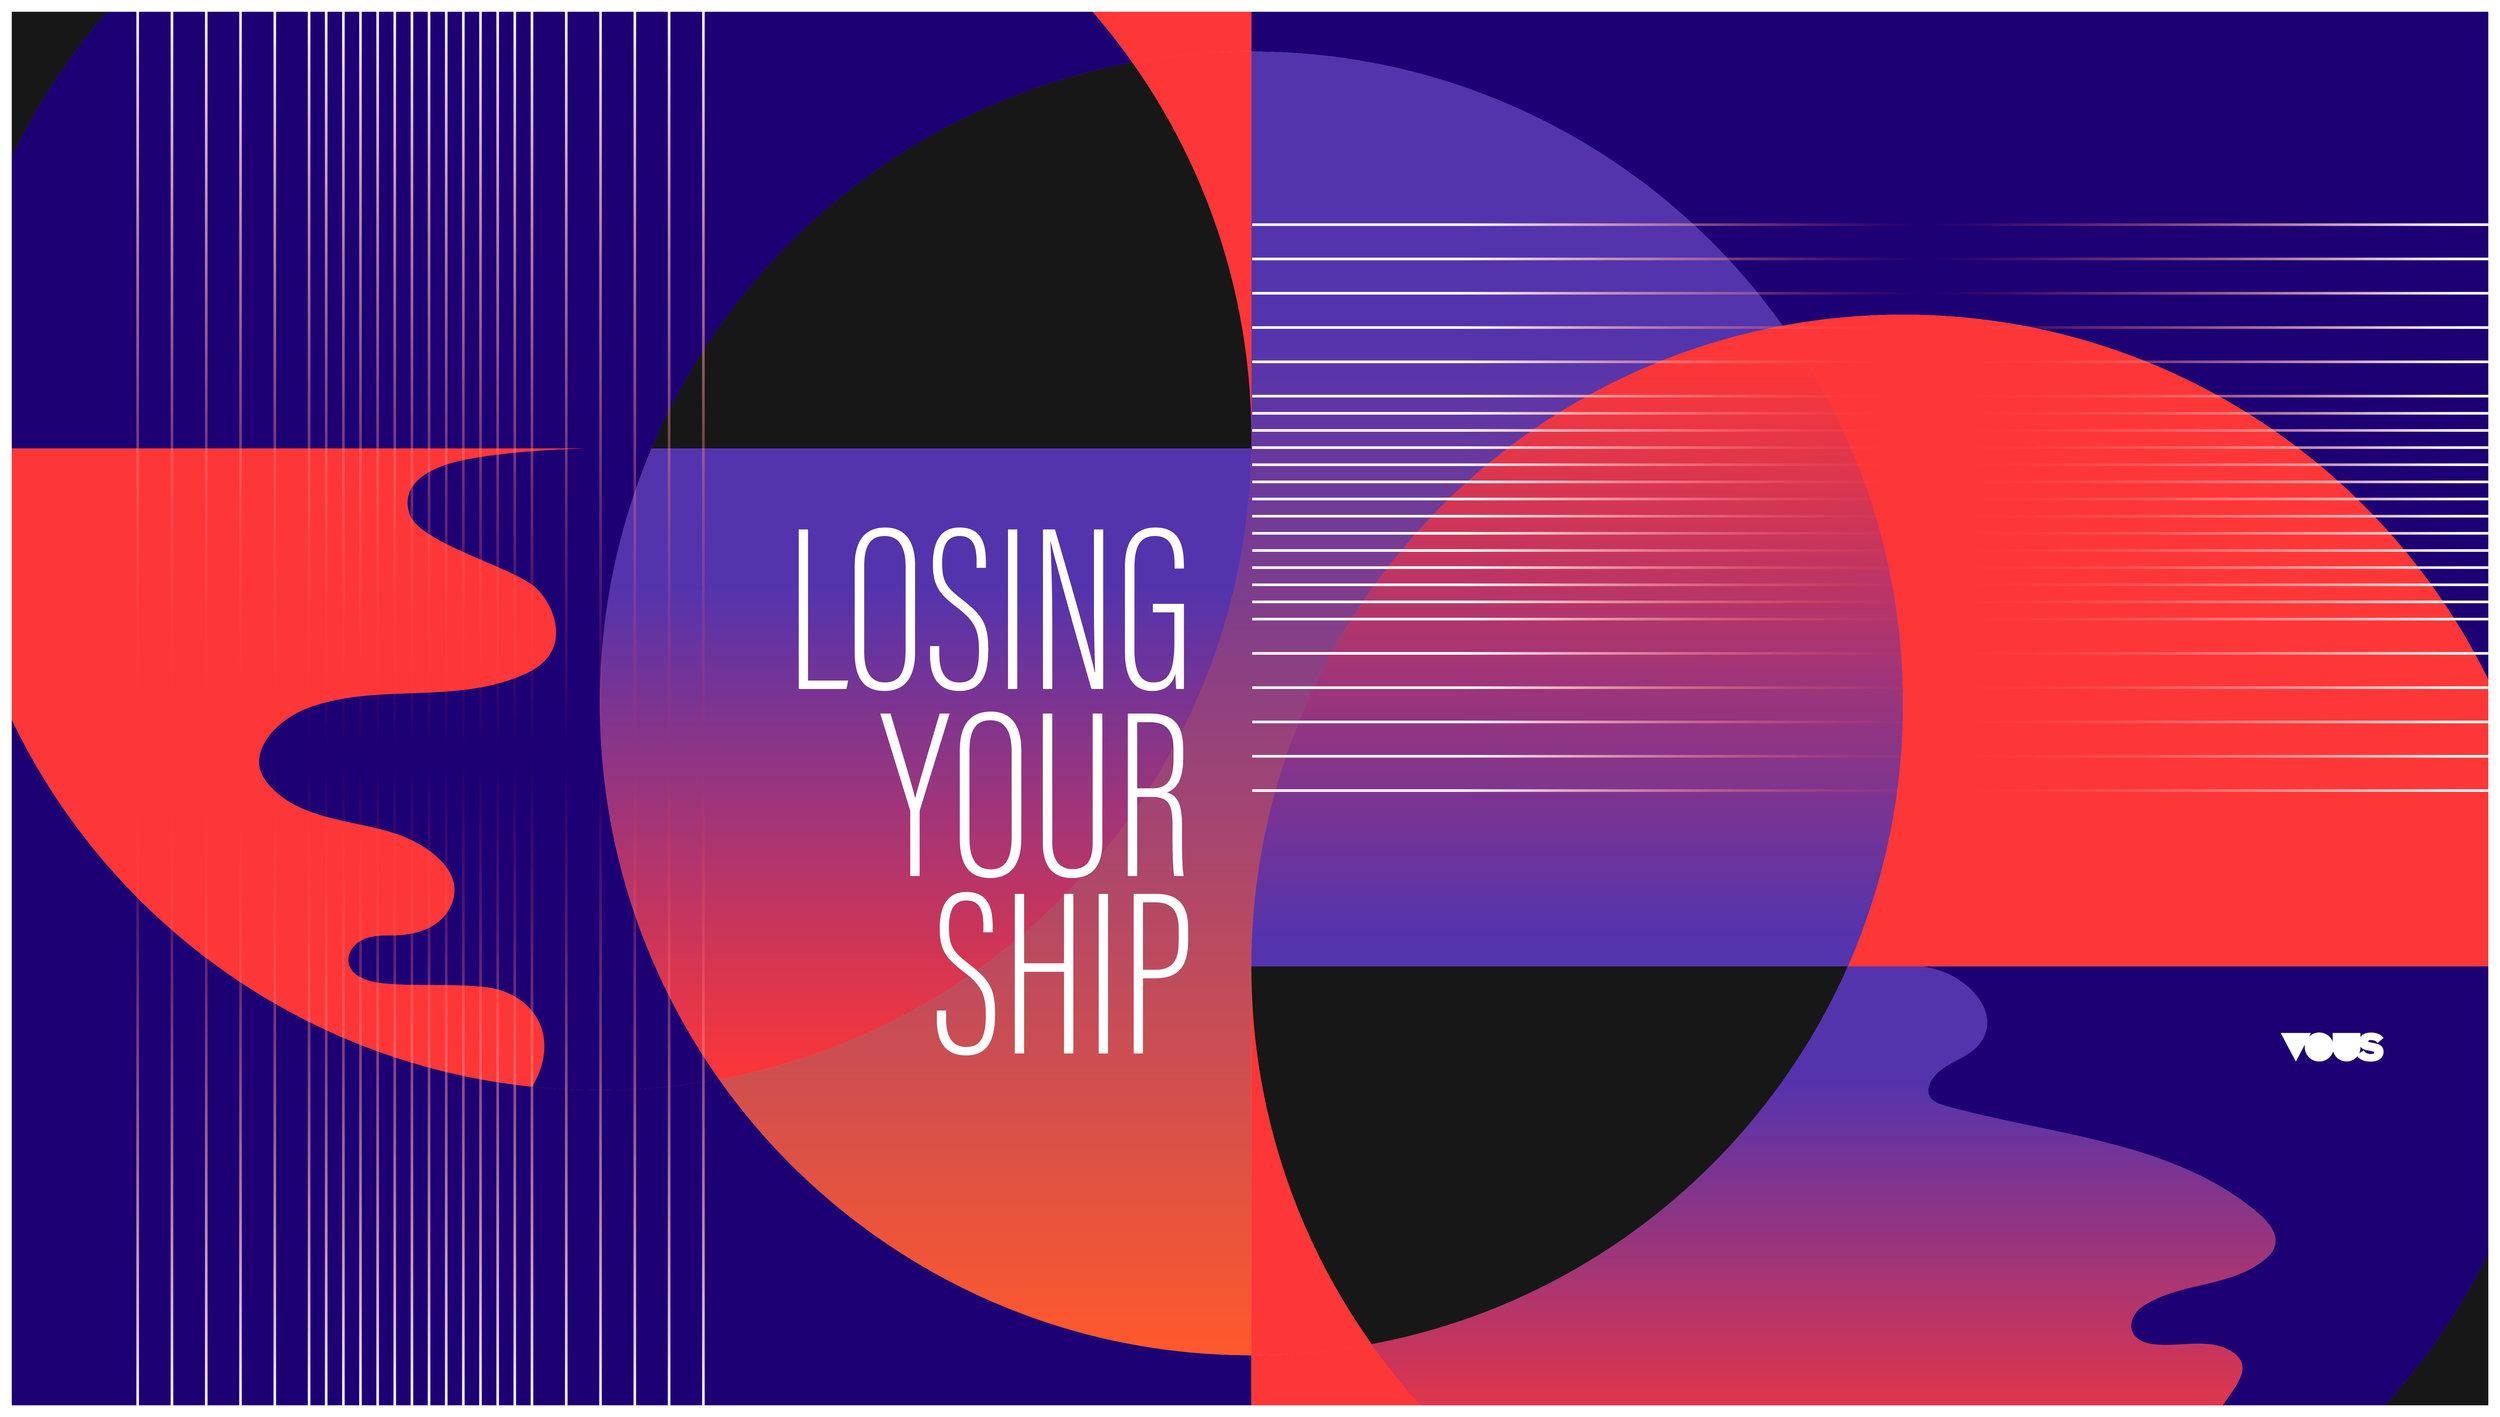 Slide-LosingYourShip1-CENTER.jpg